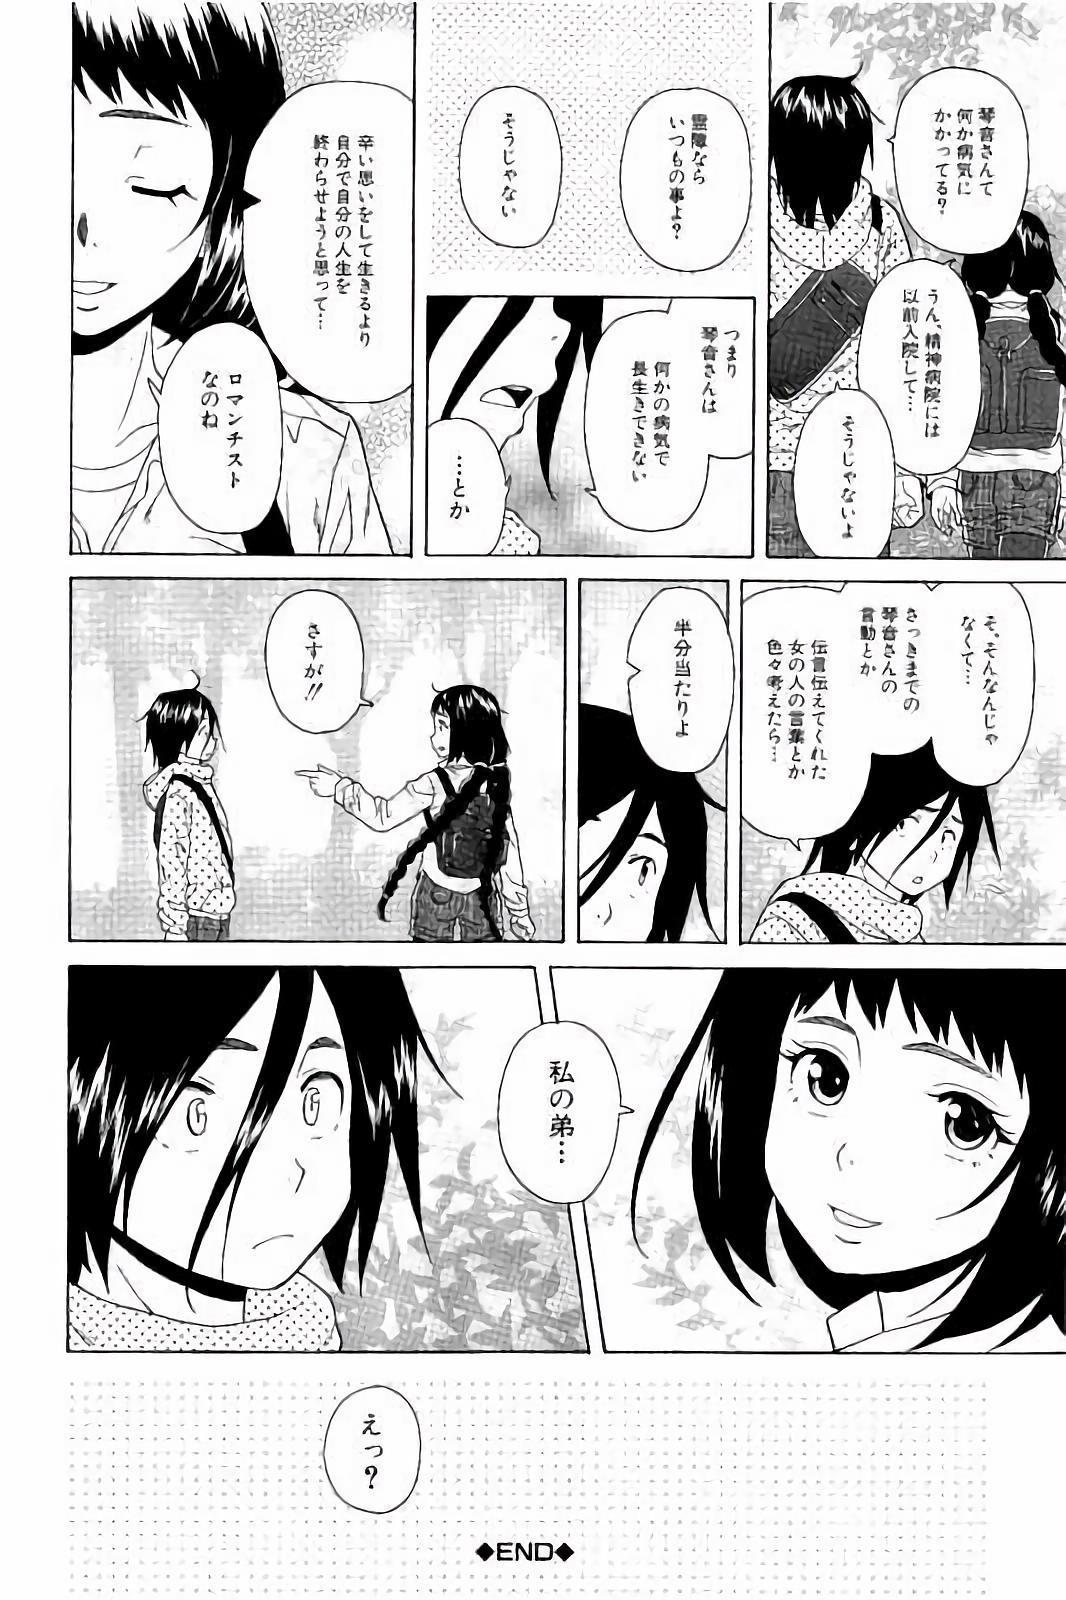 Ane no Himitsu To Boku no Jisatsu 95